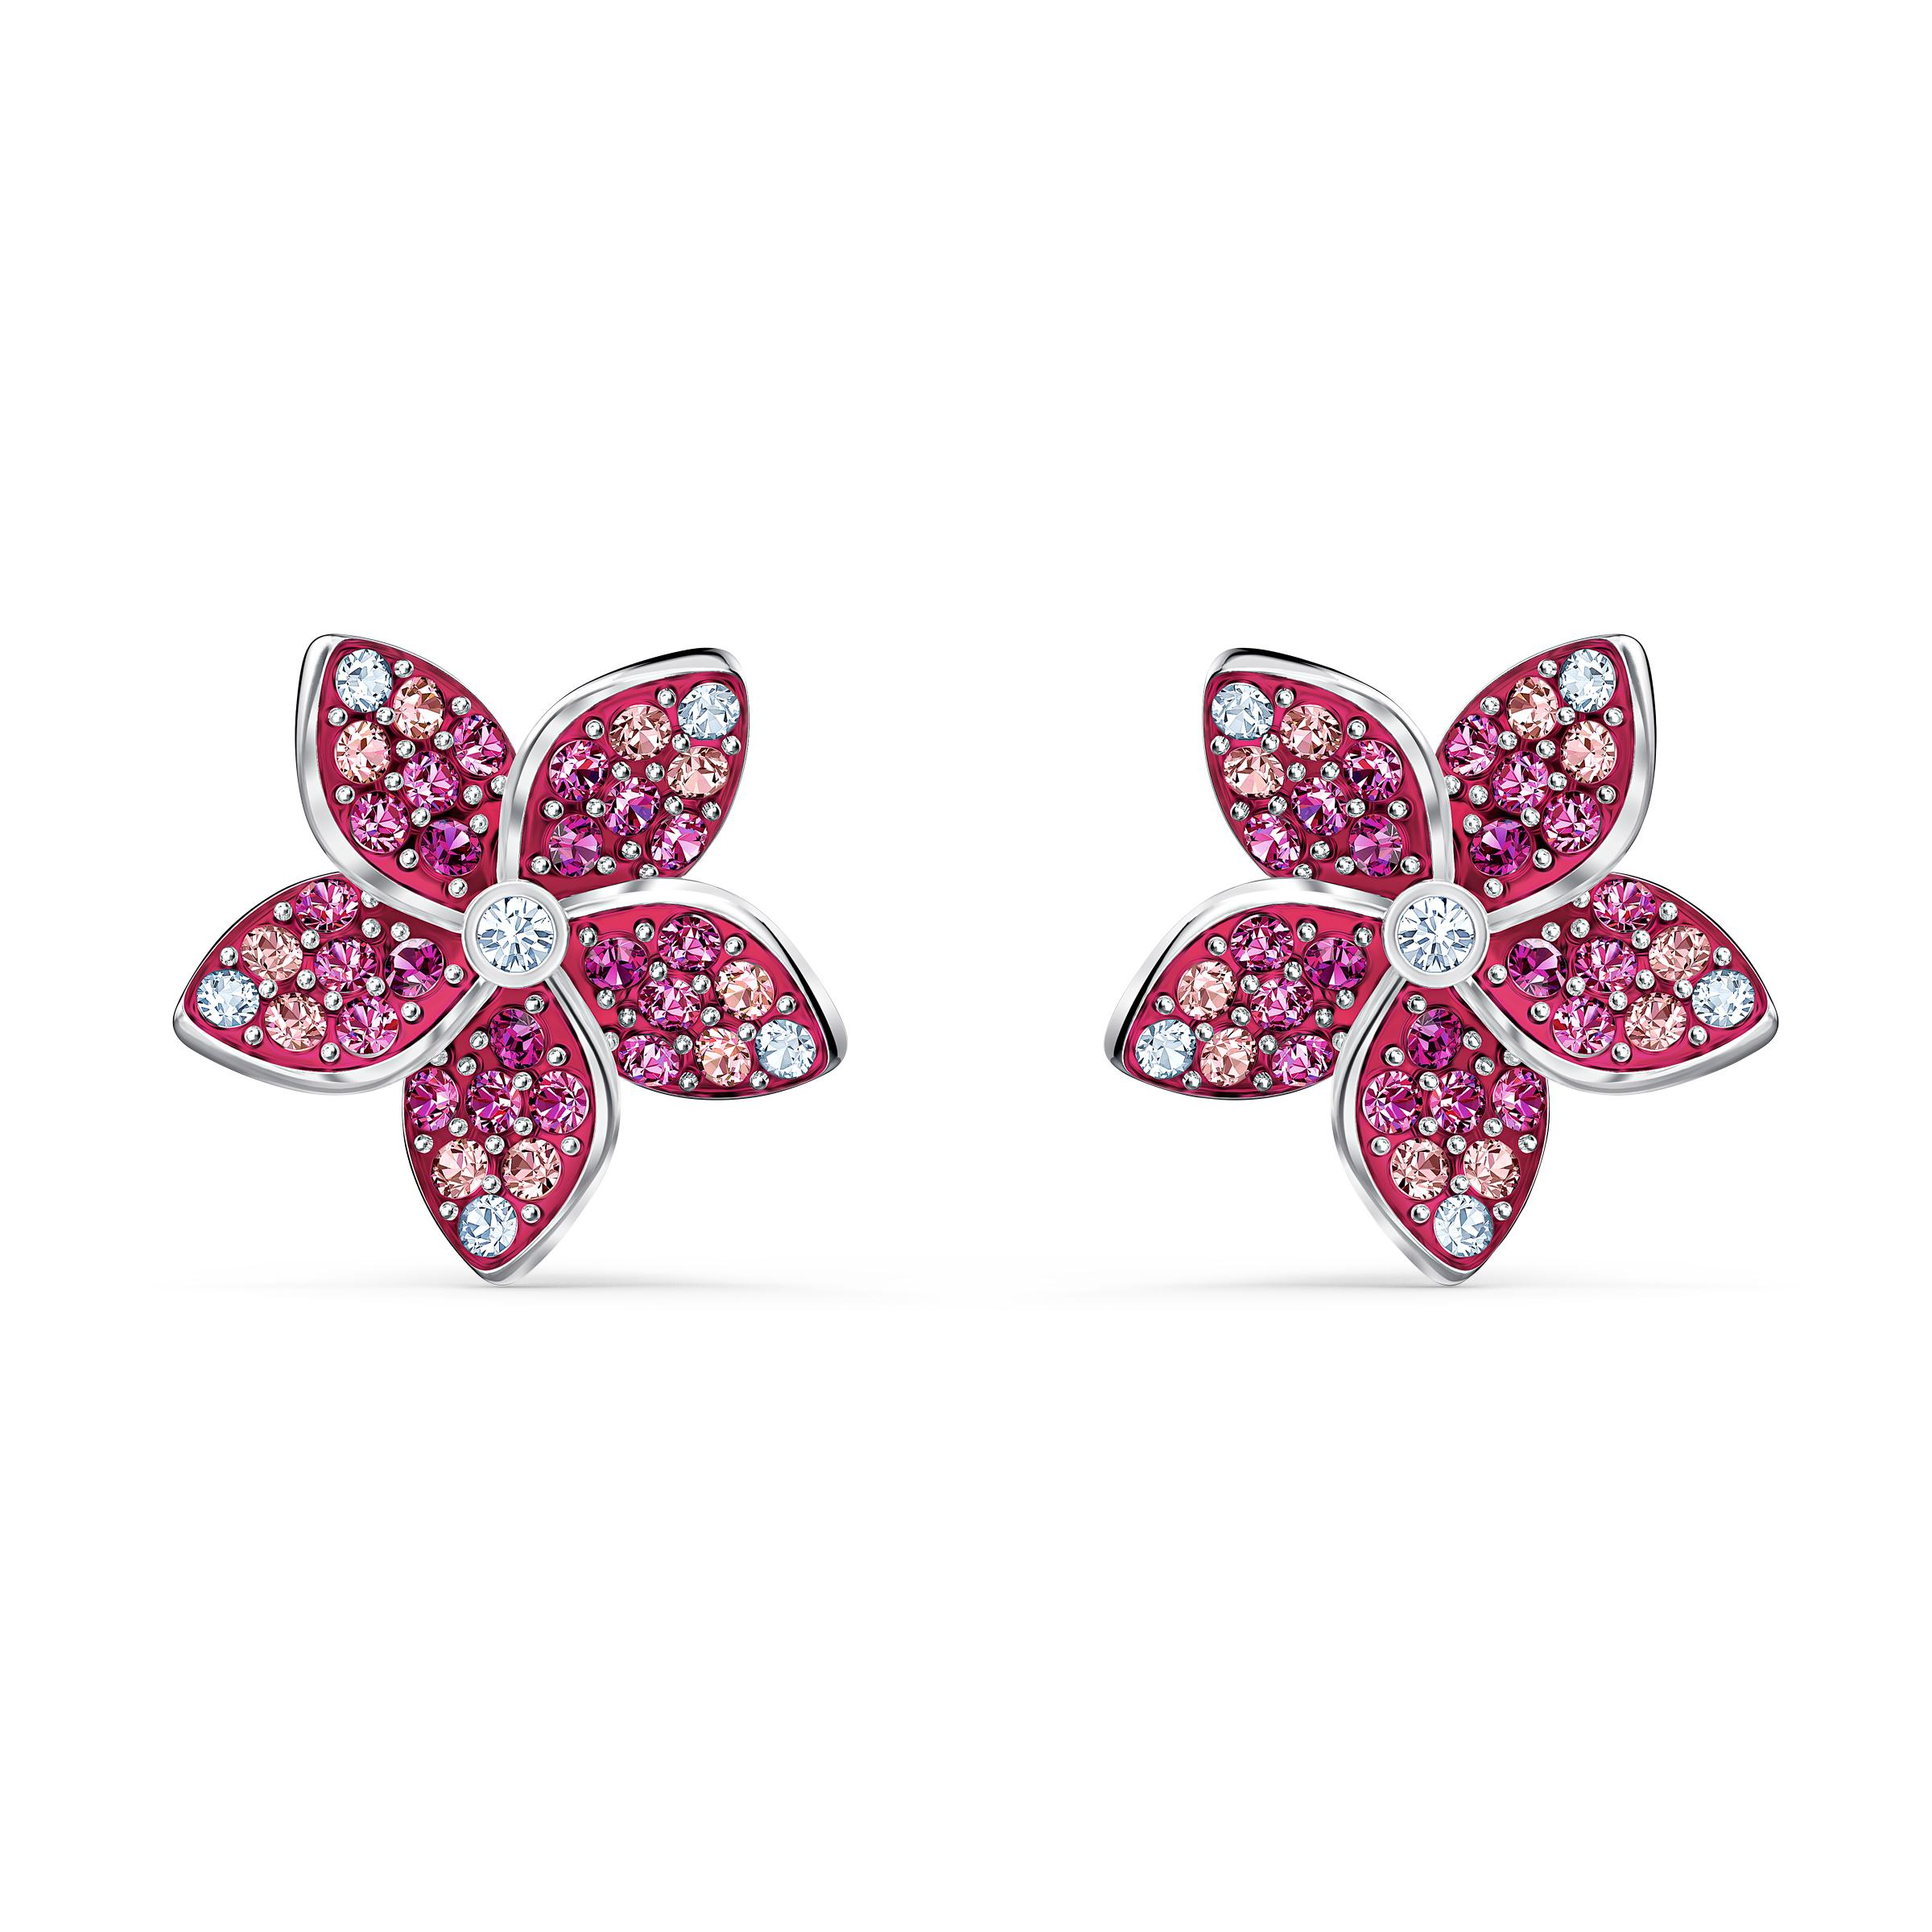 Boucles d'oreilles Tropical Flower, rose, métal rhodié, Swarovski